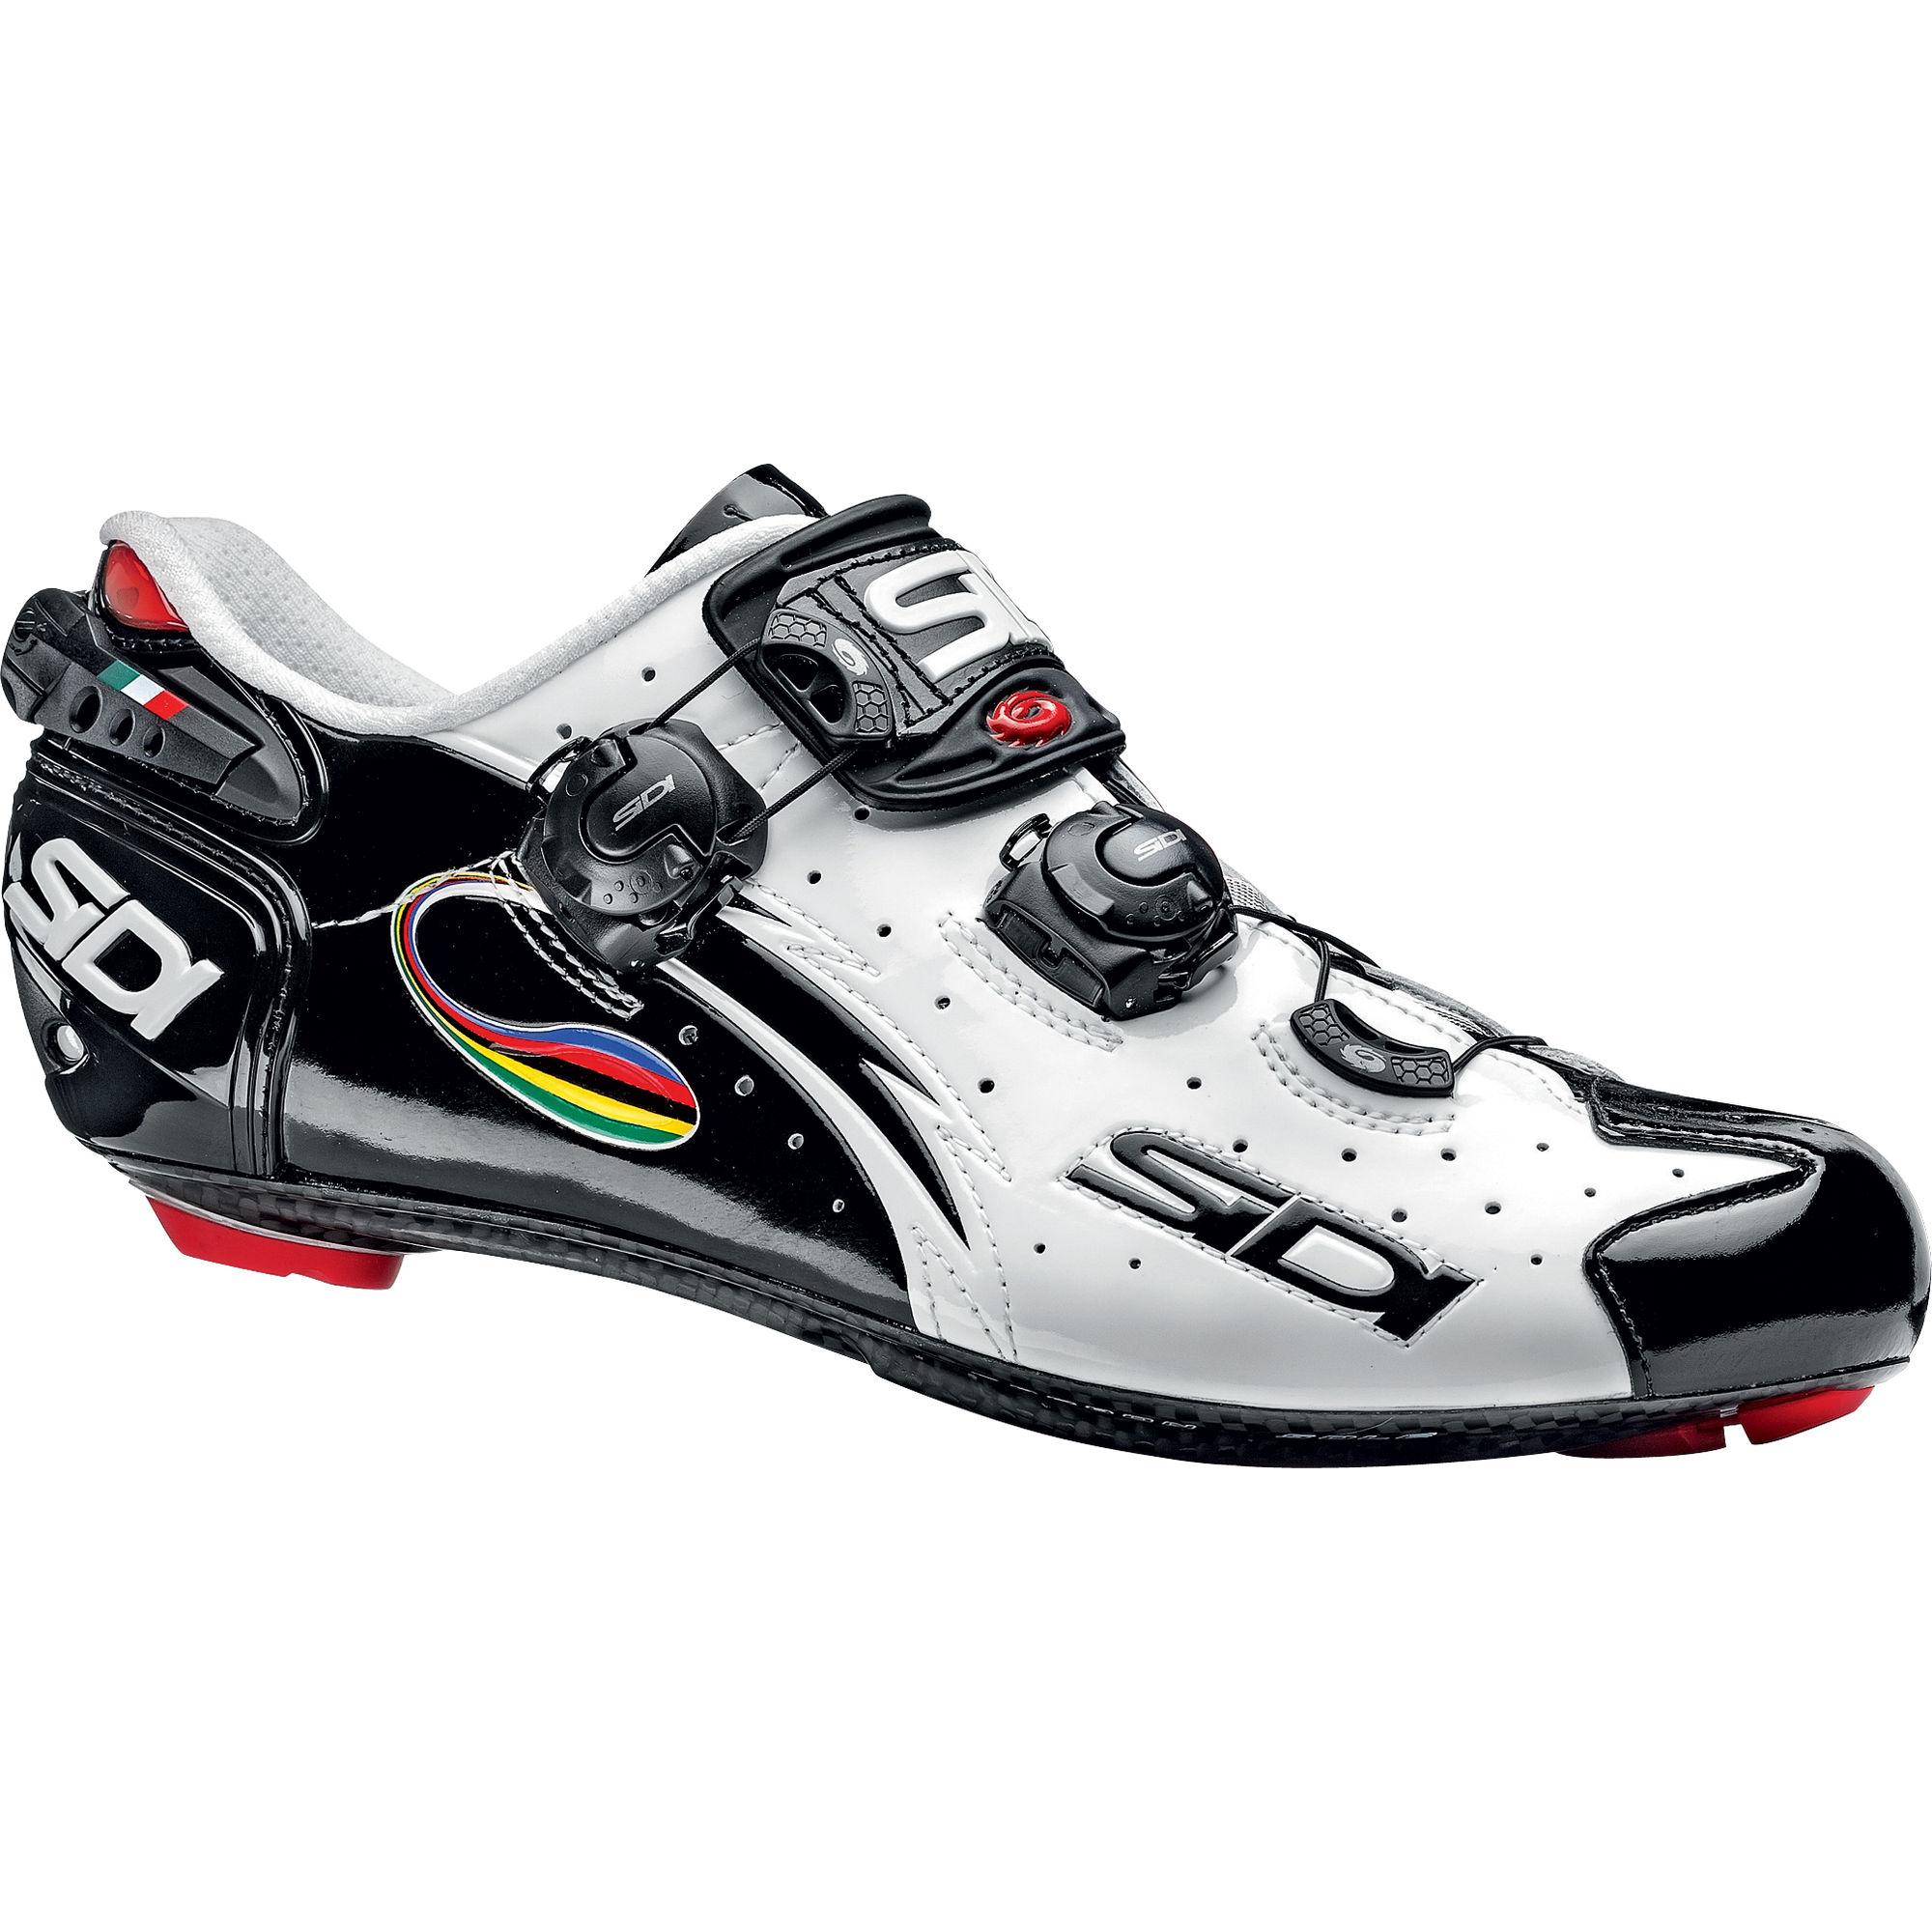 bb587e692e6bf8 Sidi Wire Carbon Vernice Road Shoes -